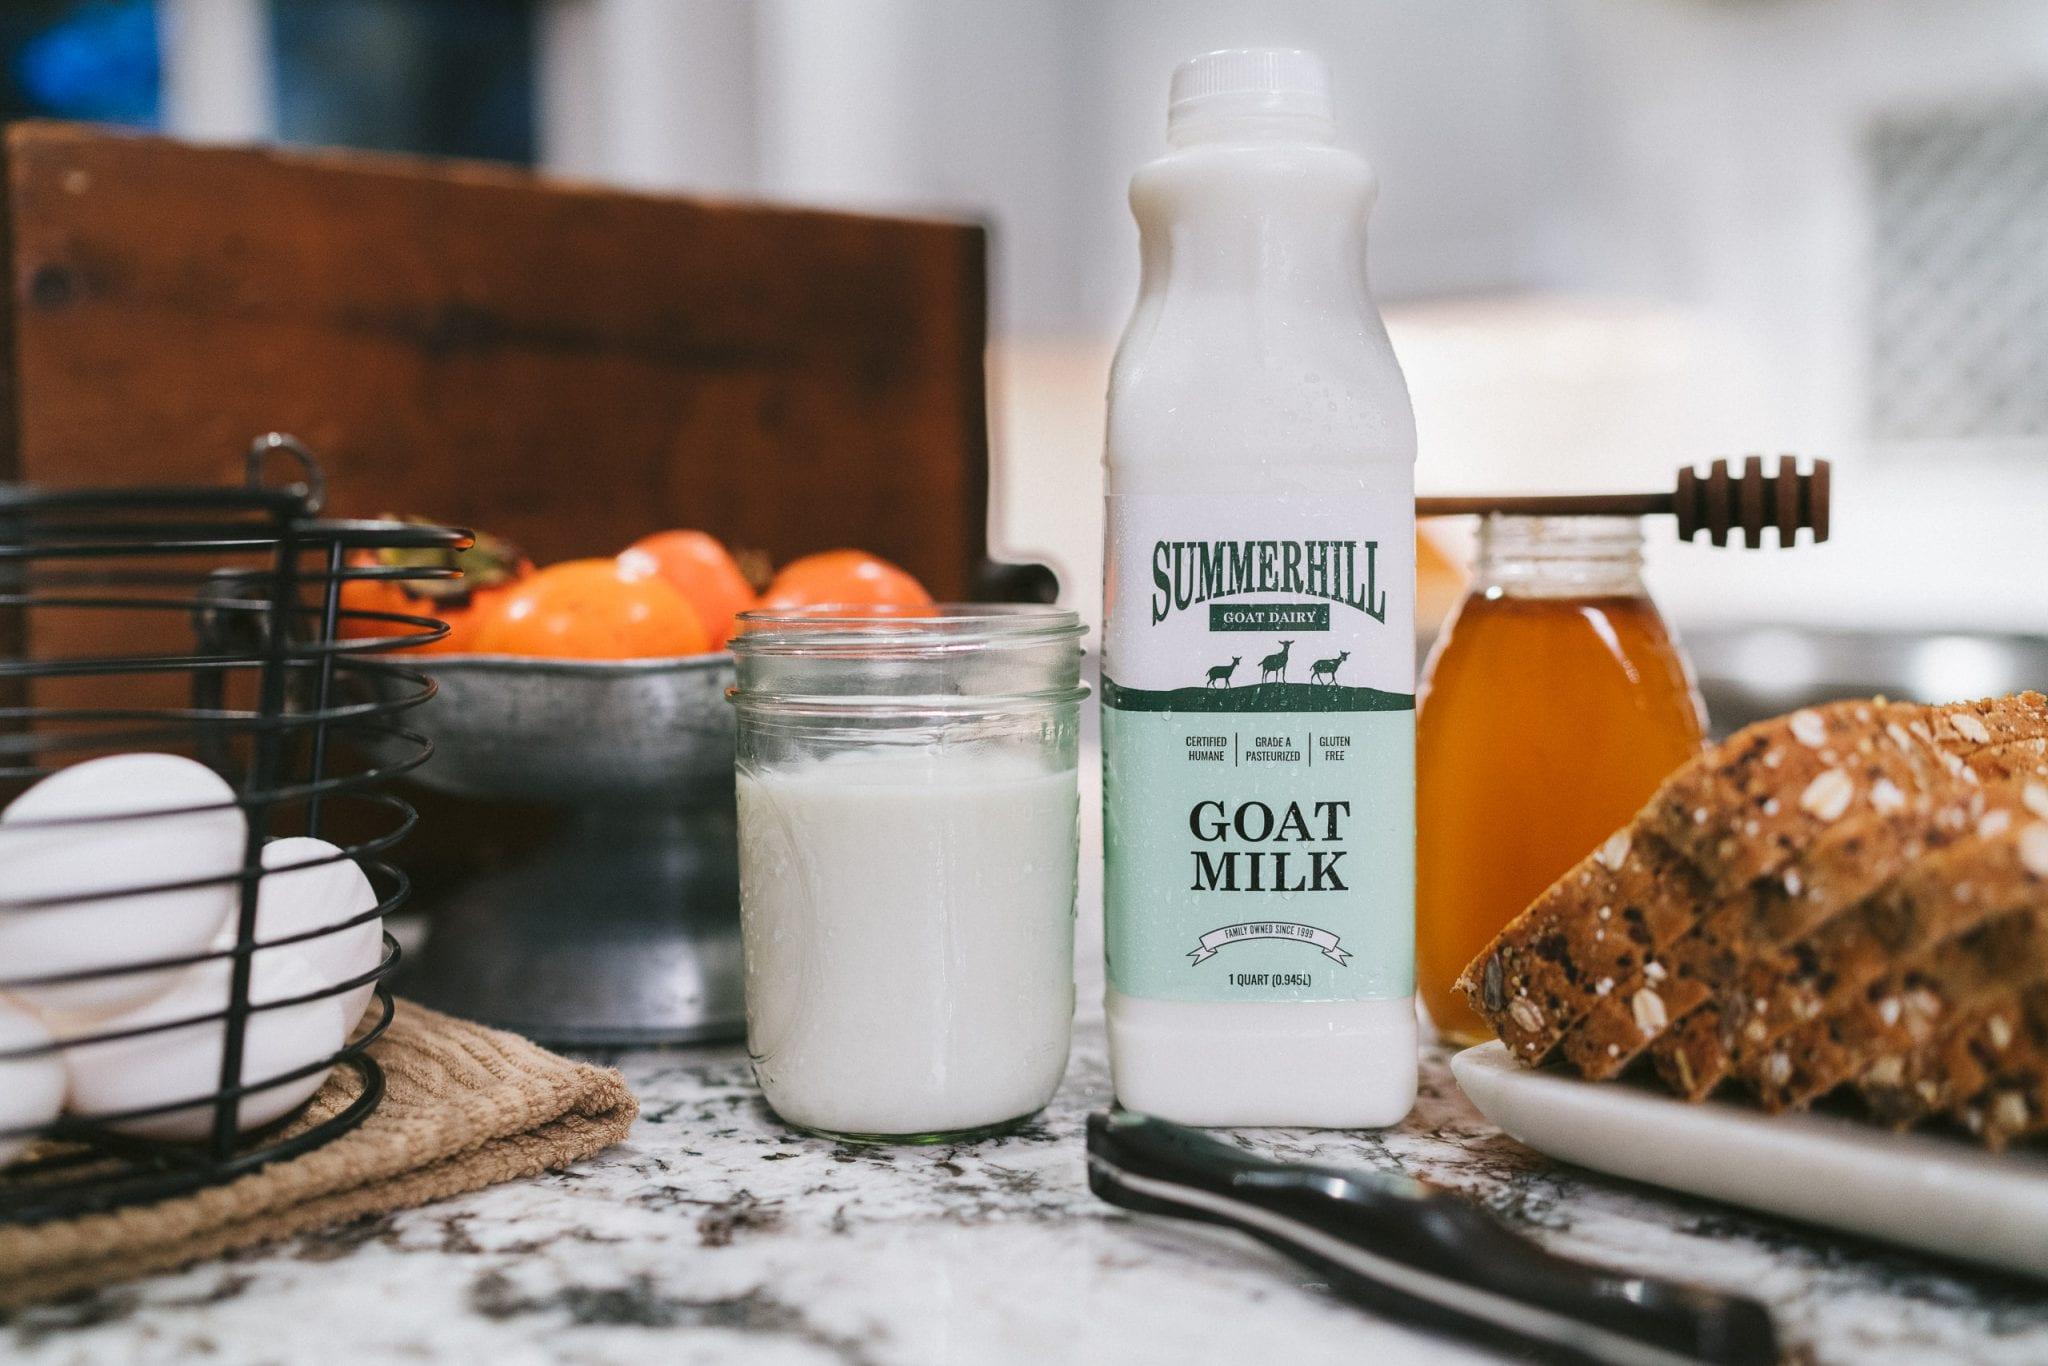 Goat milk glass with milk bottle in kitchen